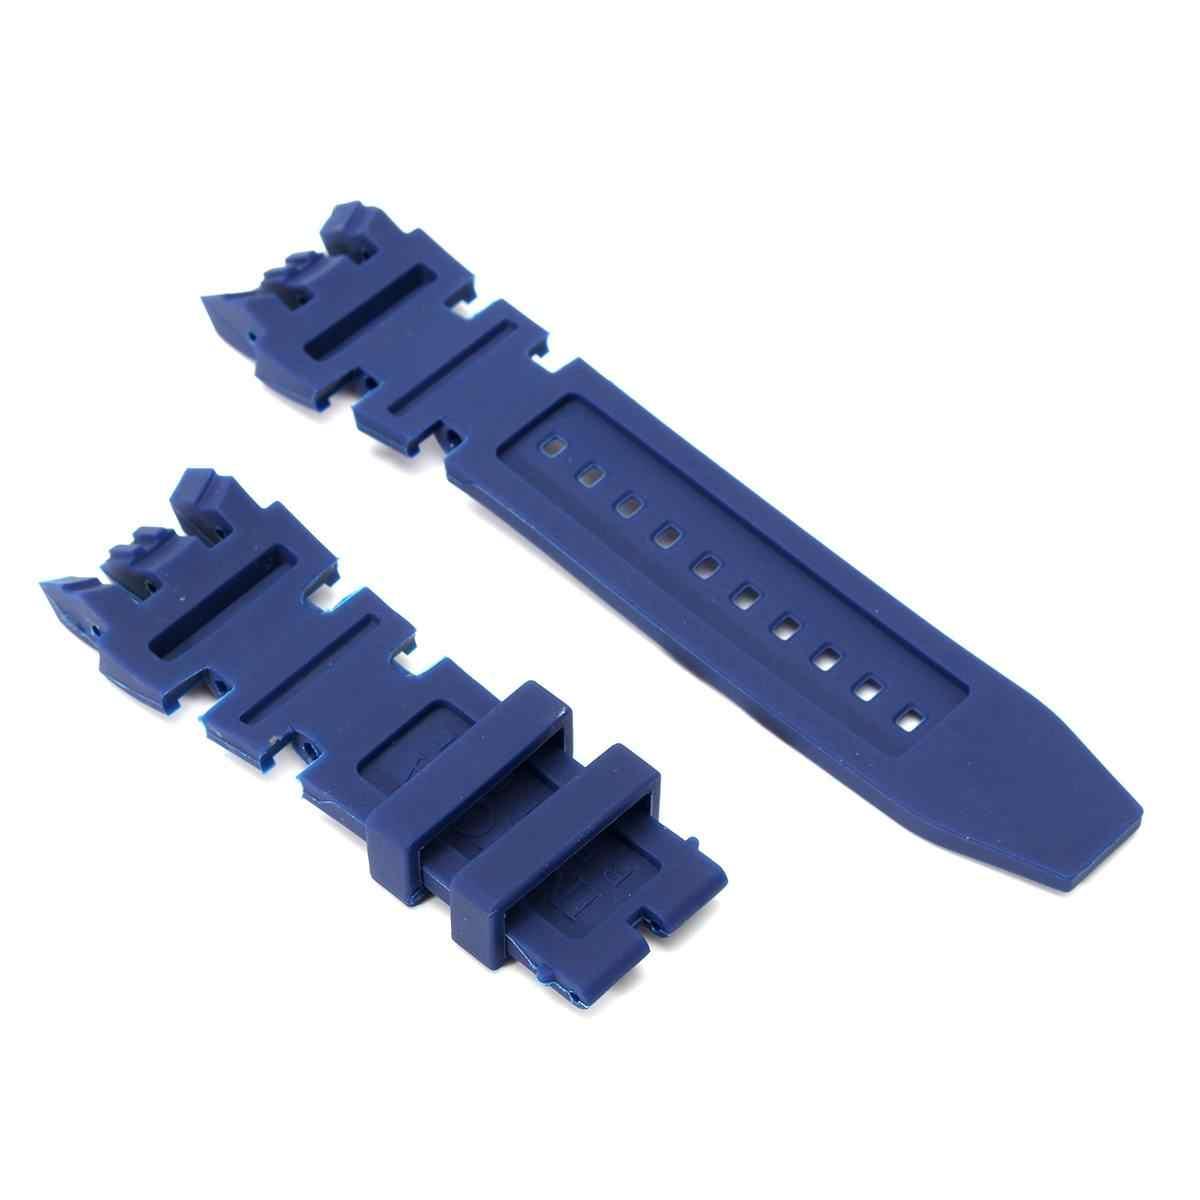 Nuevo juego de correa de reloj de goma de silicona Negro Azul para Invicta Subaqua Reserve reloj de pulsera de buceo analógica de repuesto para hombre